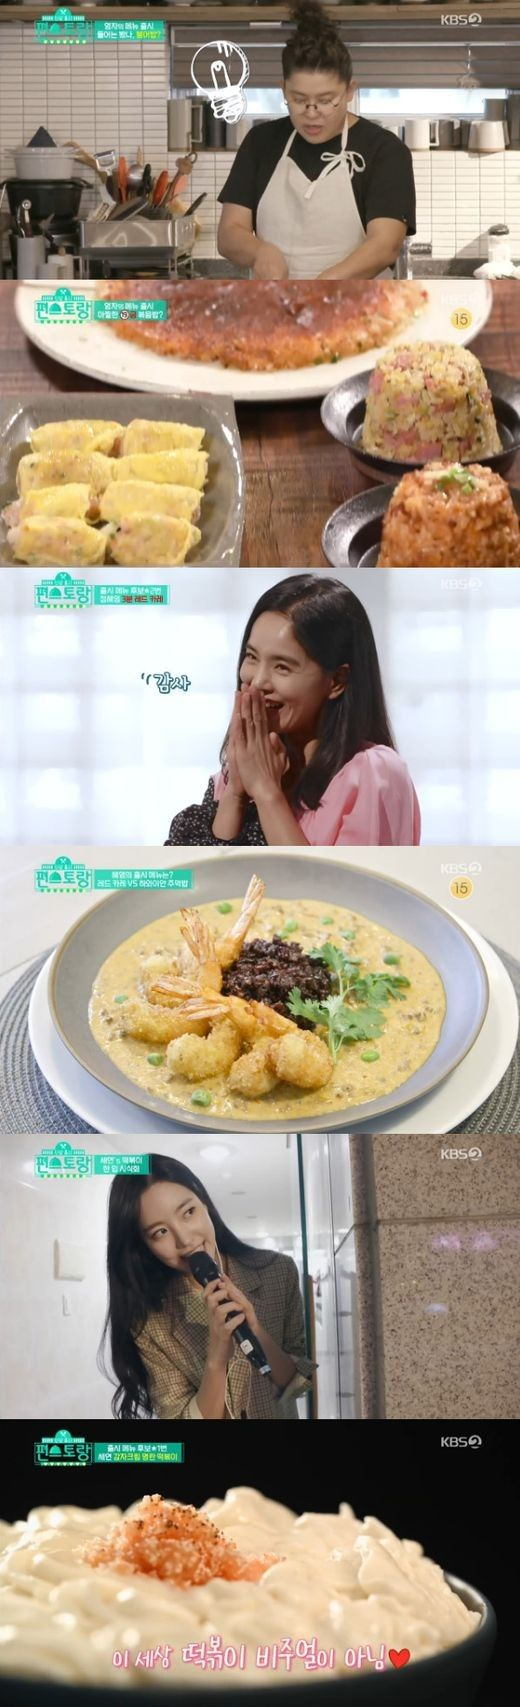 '편스토랑' 진세연·정혜영 첫 메뉴 시식→이영자 표 '볶음밥' 시리즈까지 _이미지